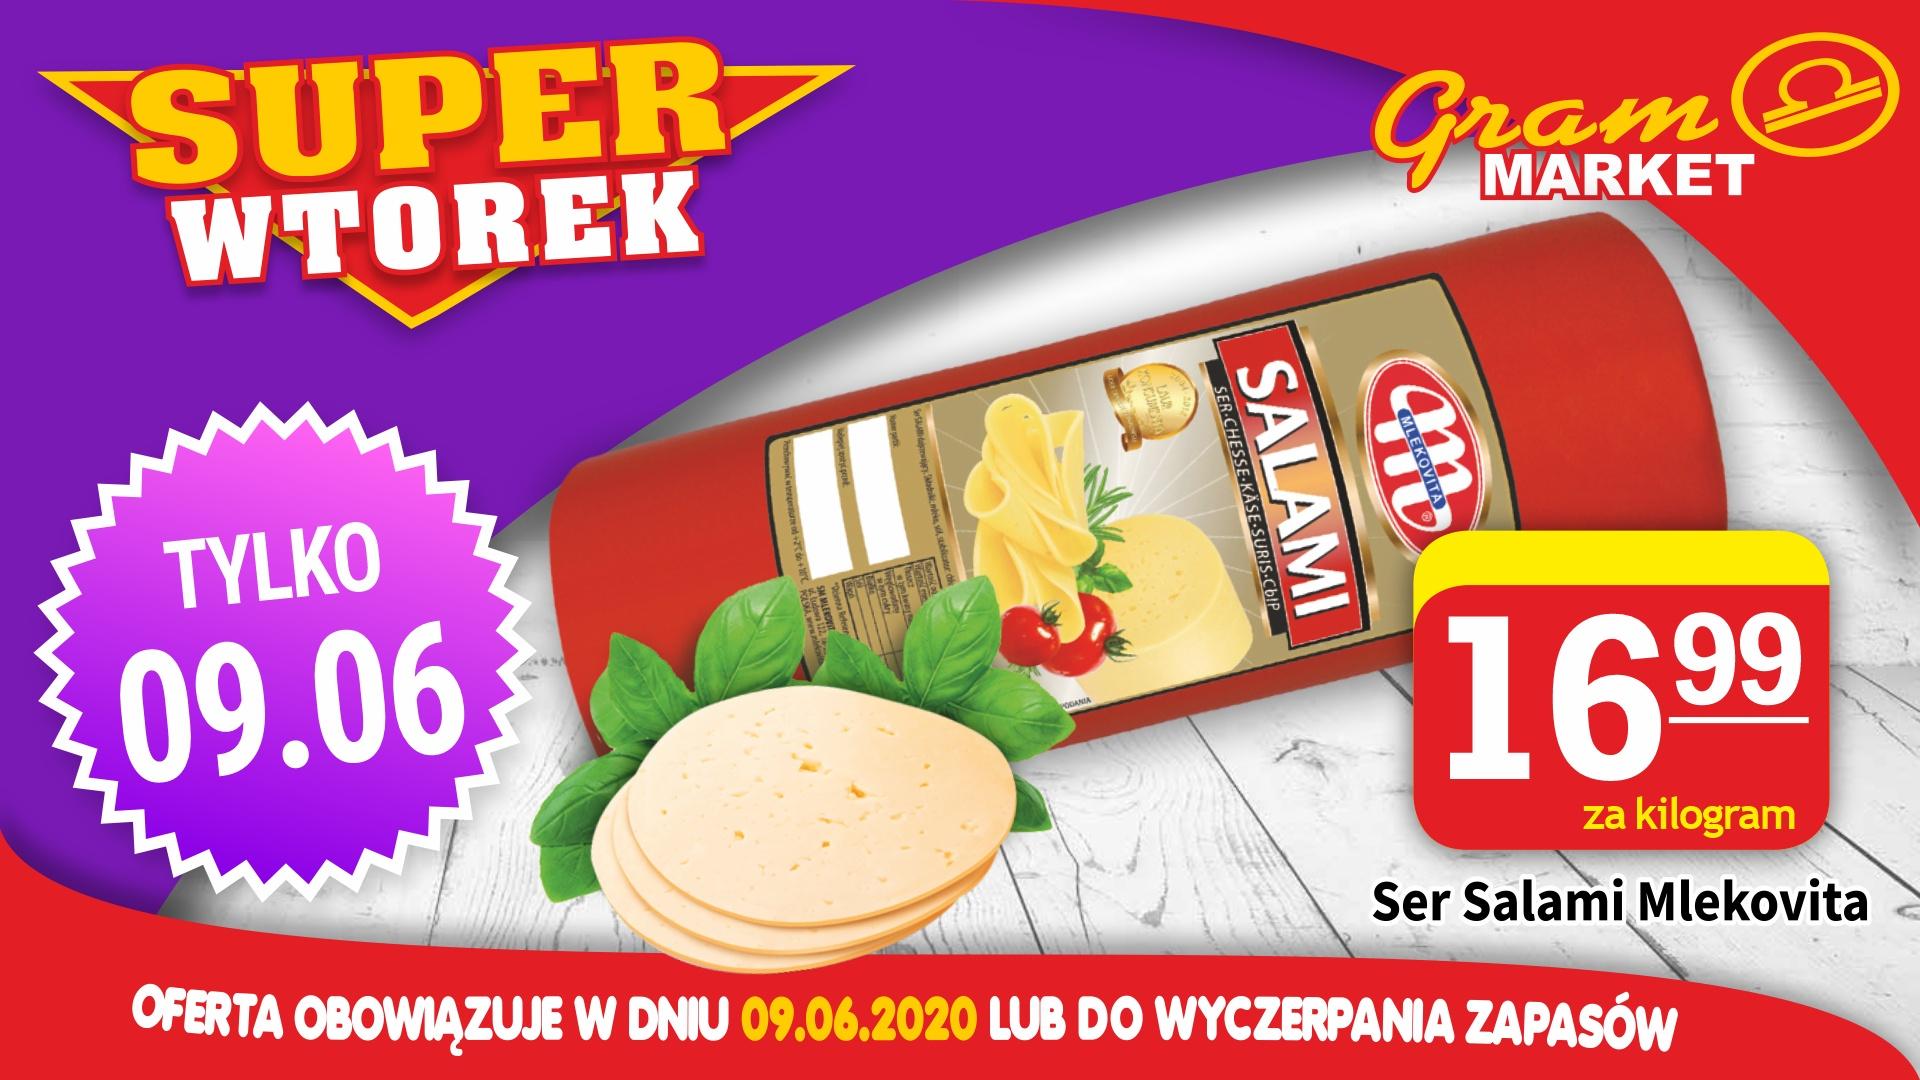 SUPER_TYDZIEN-09.06.2020-1